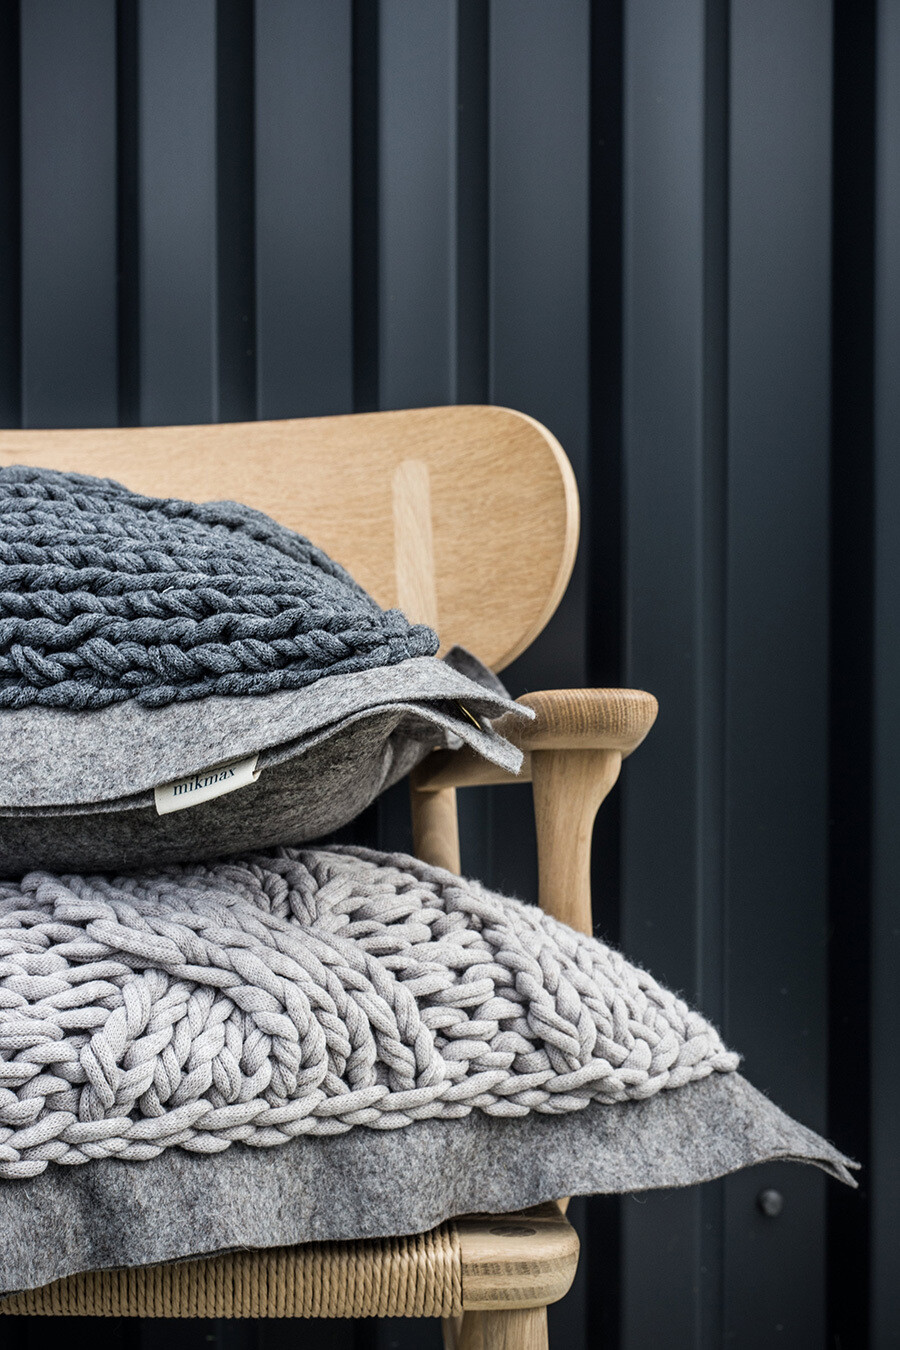 Strick-Filz Kissen 50 x 50cm Handarbeit 100% Baumwolle von mikmax